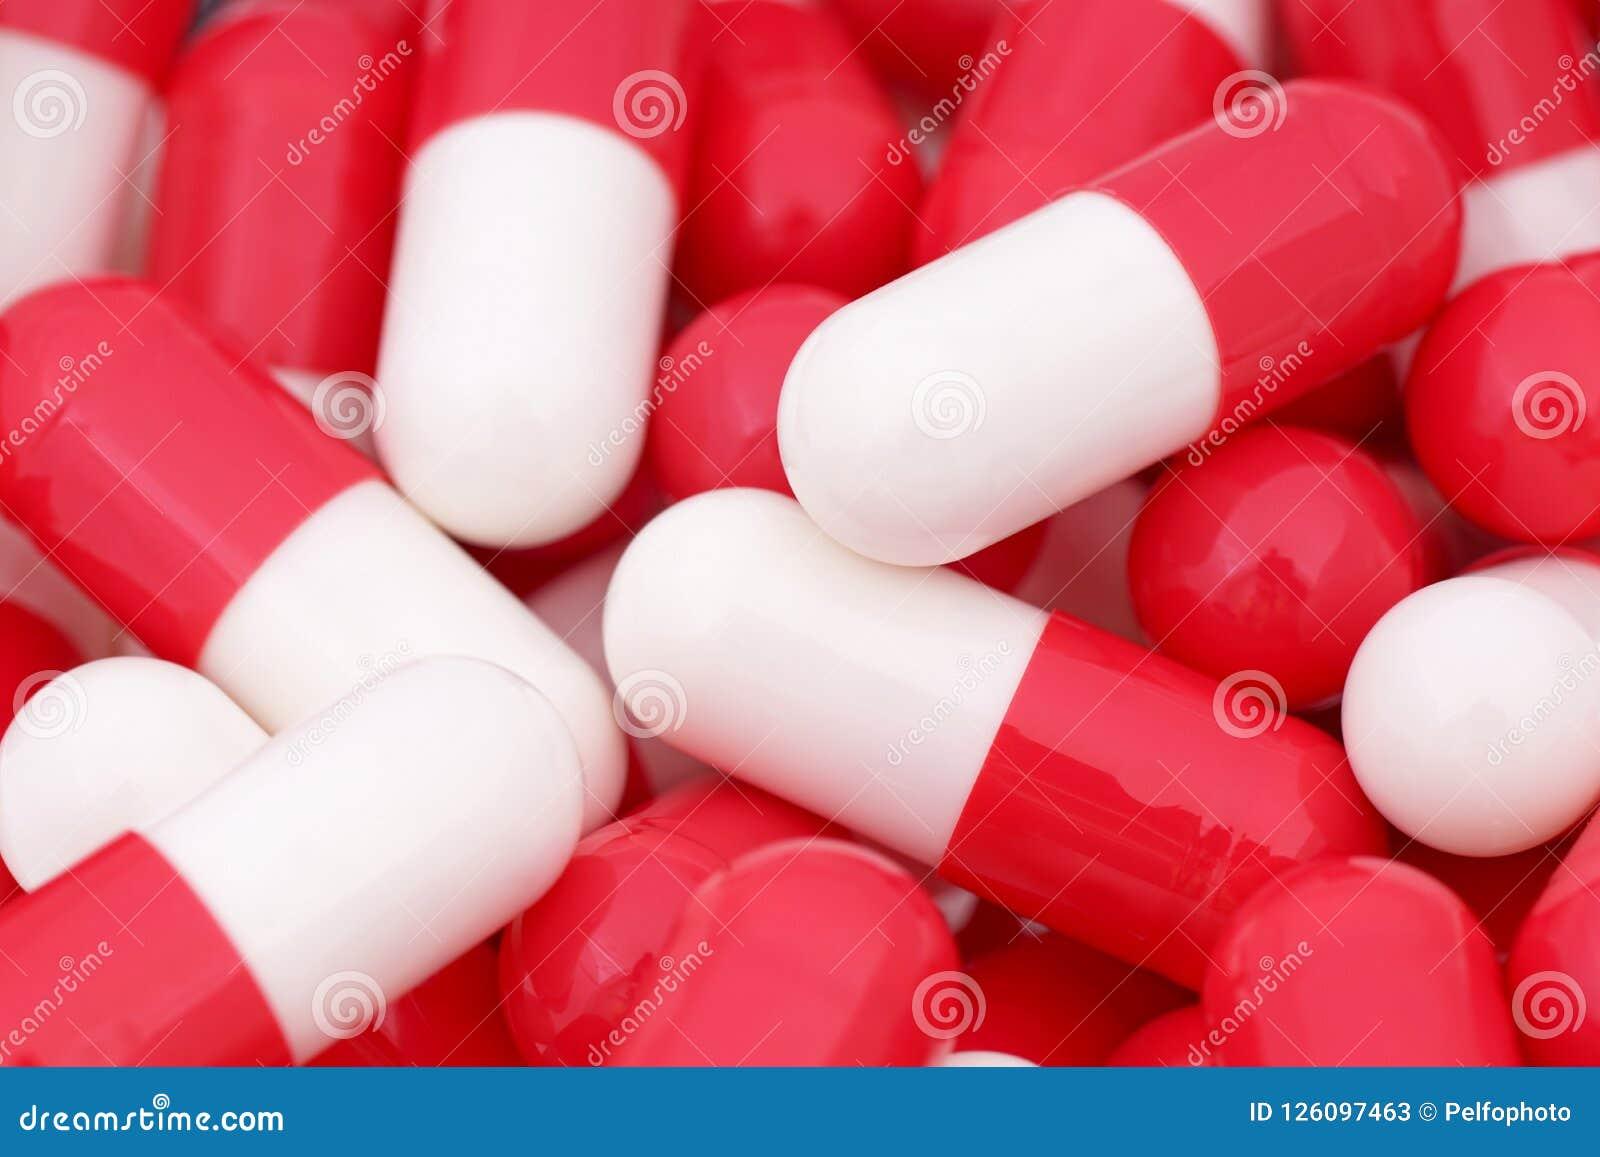 Capsules met een dieetsupplement